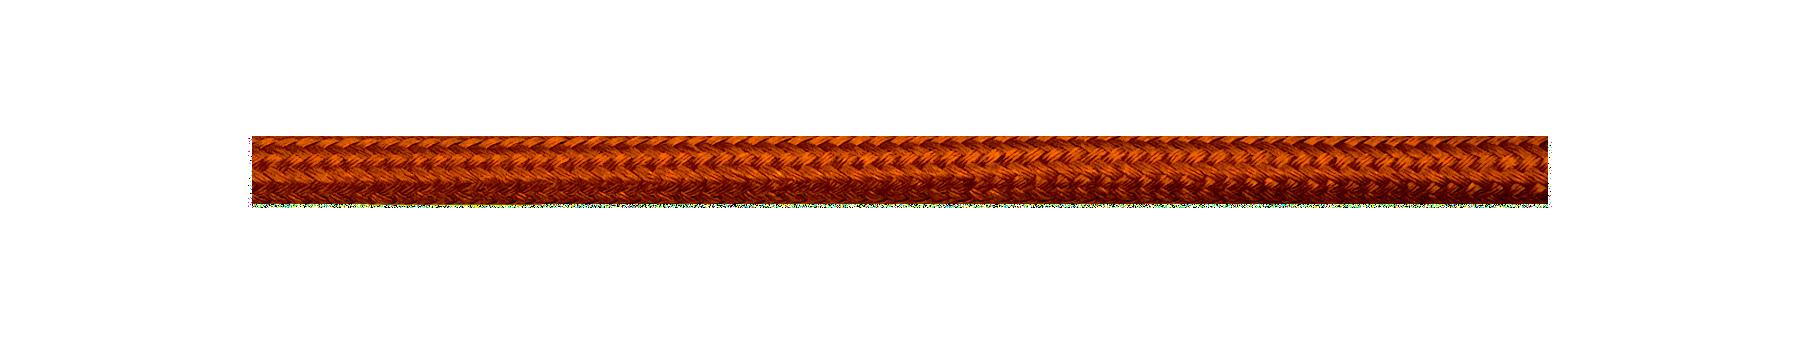 Textile Cable Copper